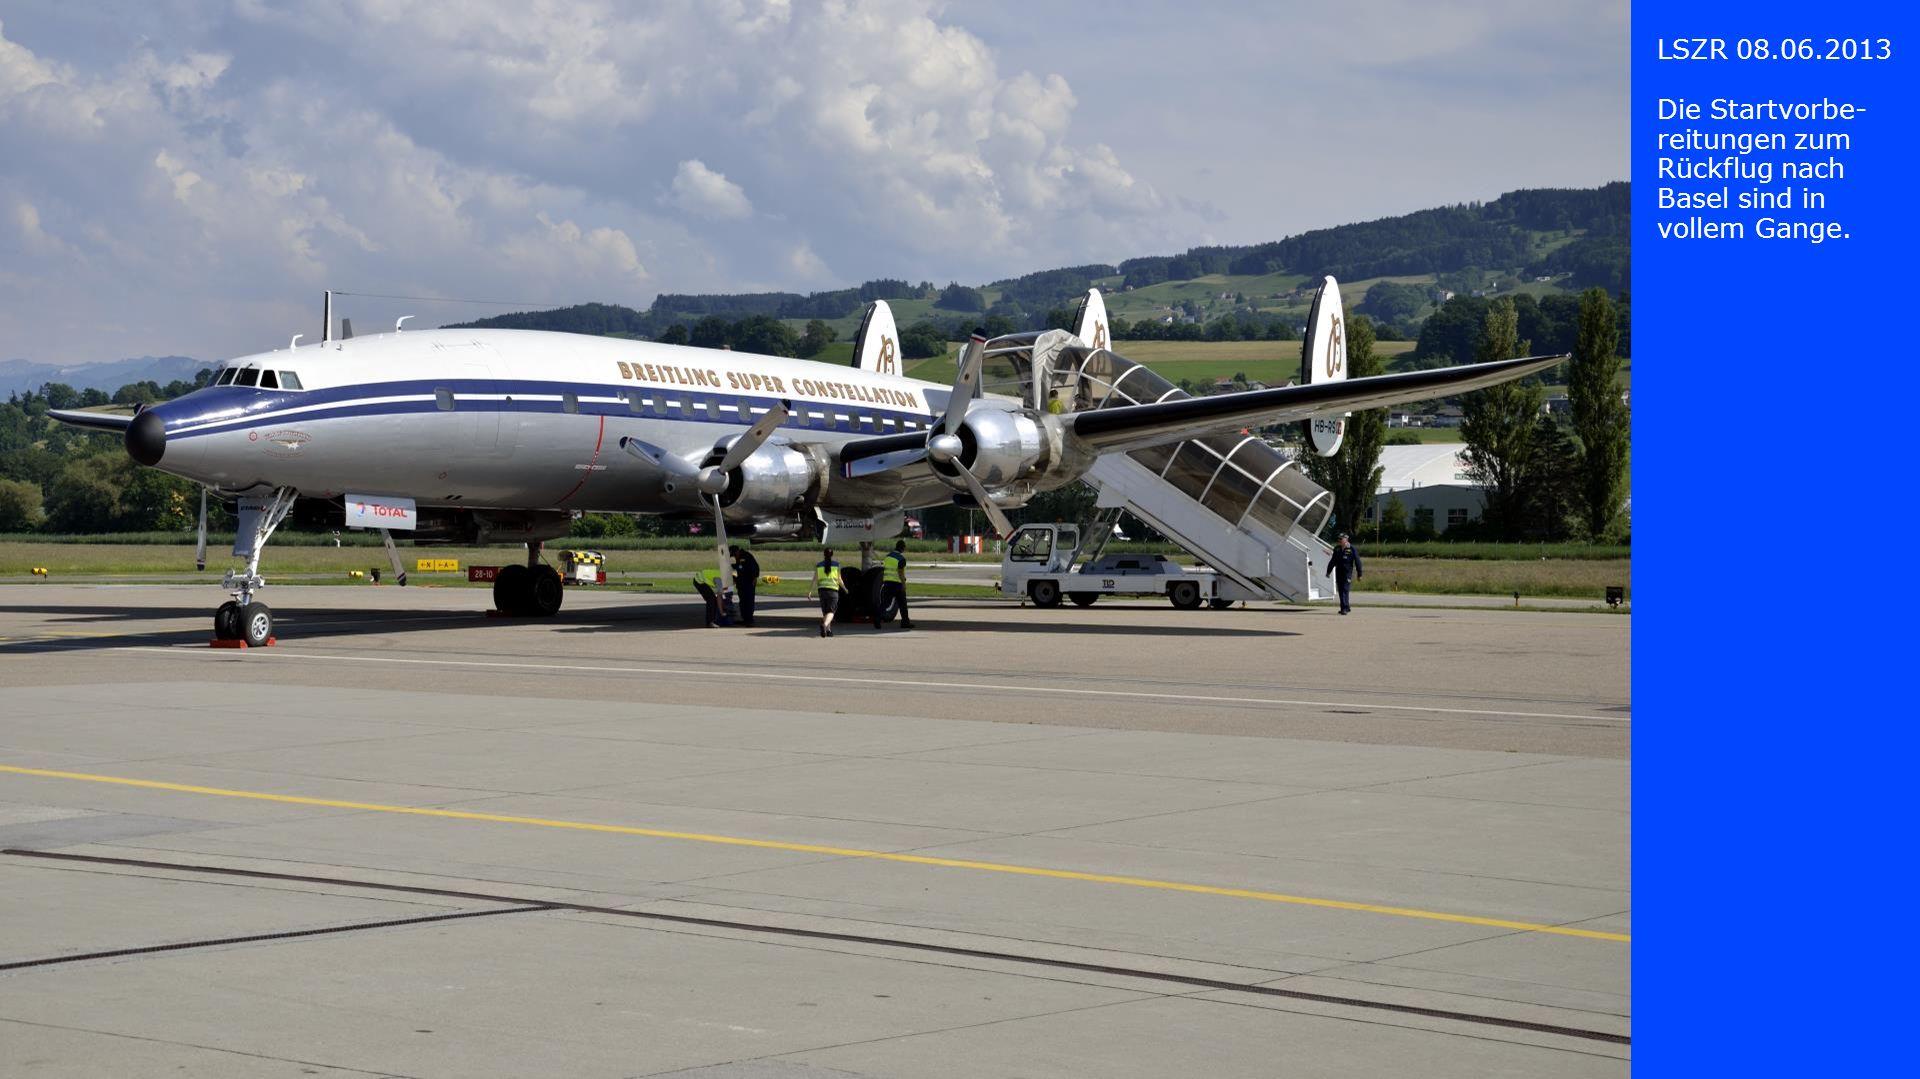 LSZR 08.06.2013 Die Startvorbe-reitungen zum Rückflug nach Basel sind in vollem Gange.